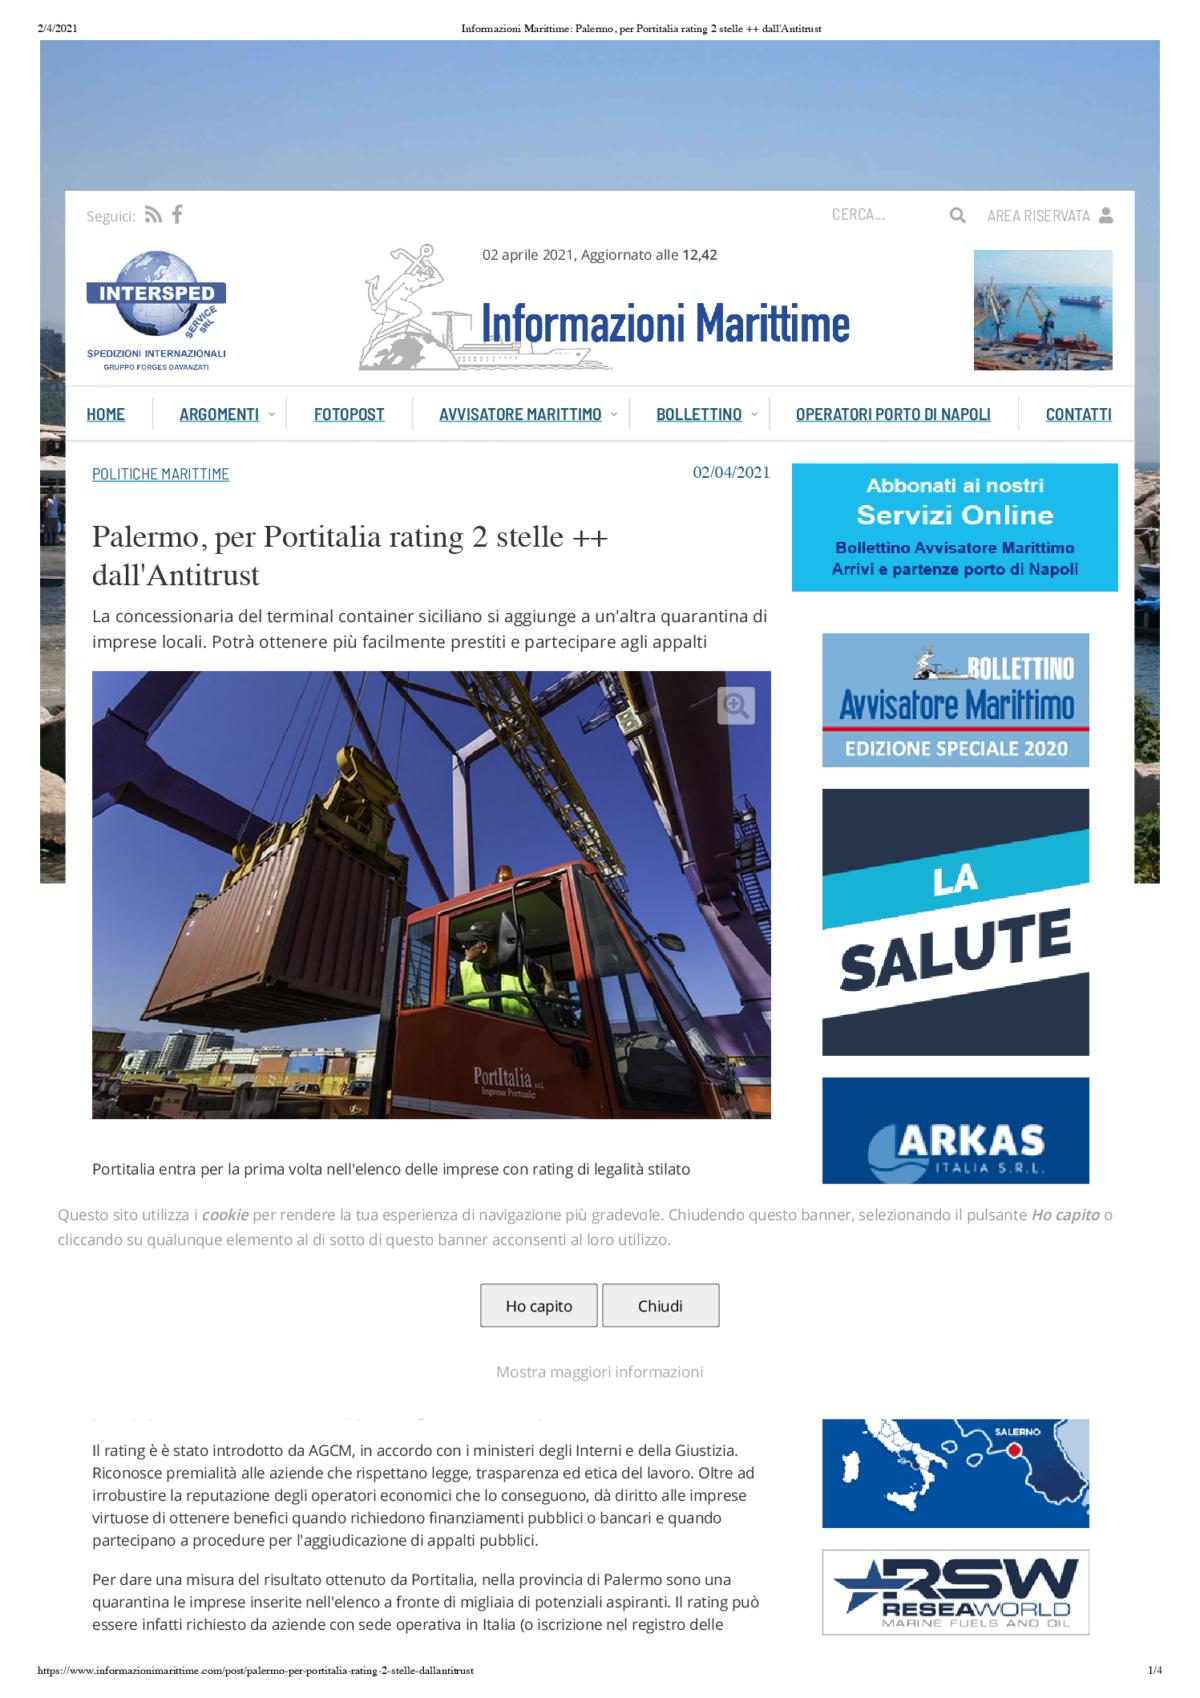 Informazioni Marittime_ Palermo, per Portitalia rating 2 stelle dall'Antitrust